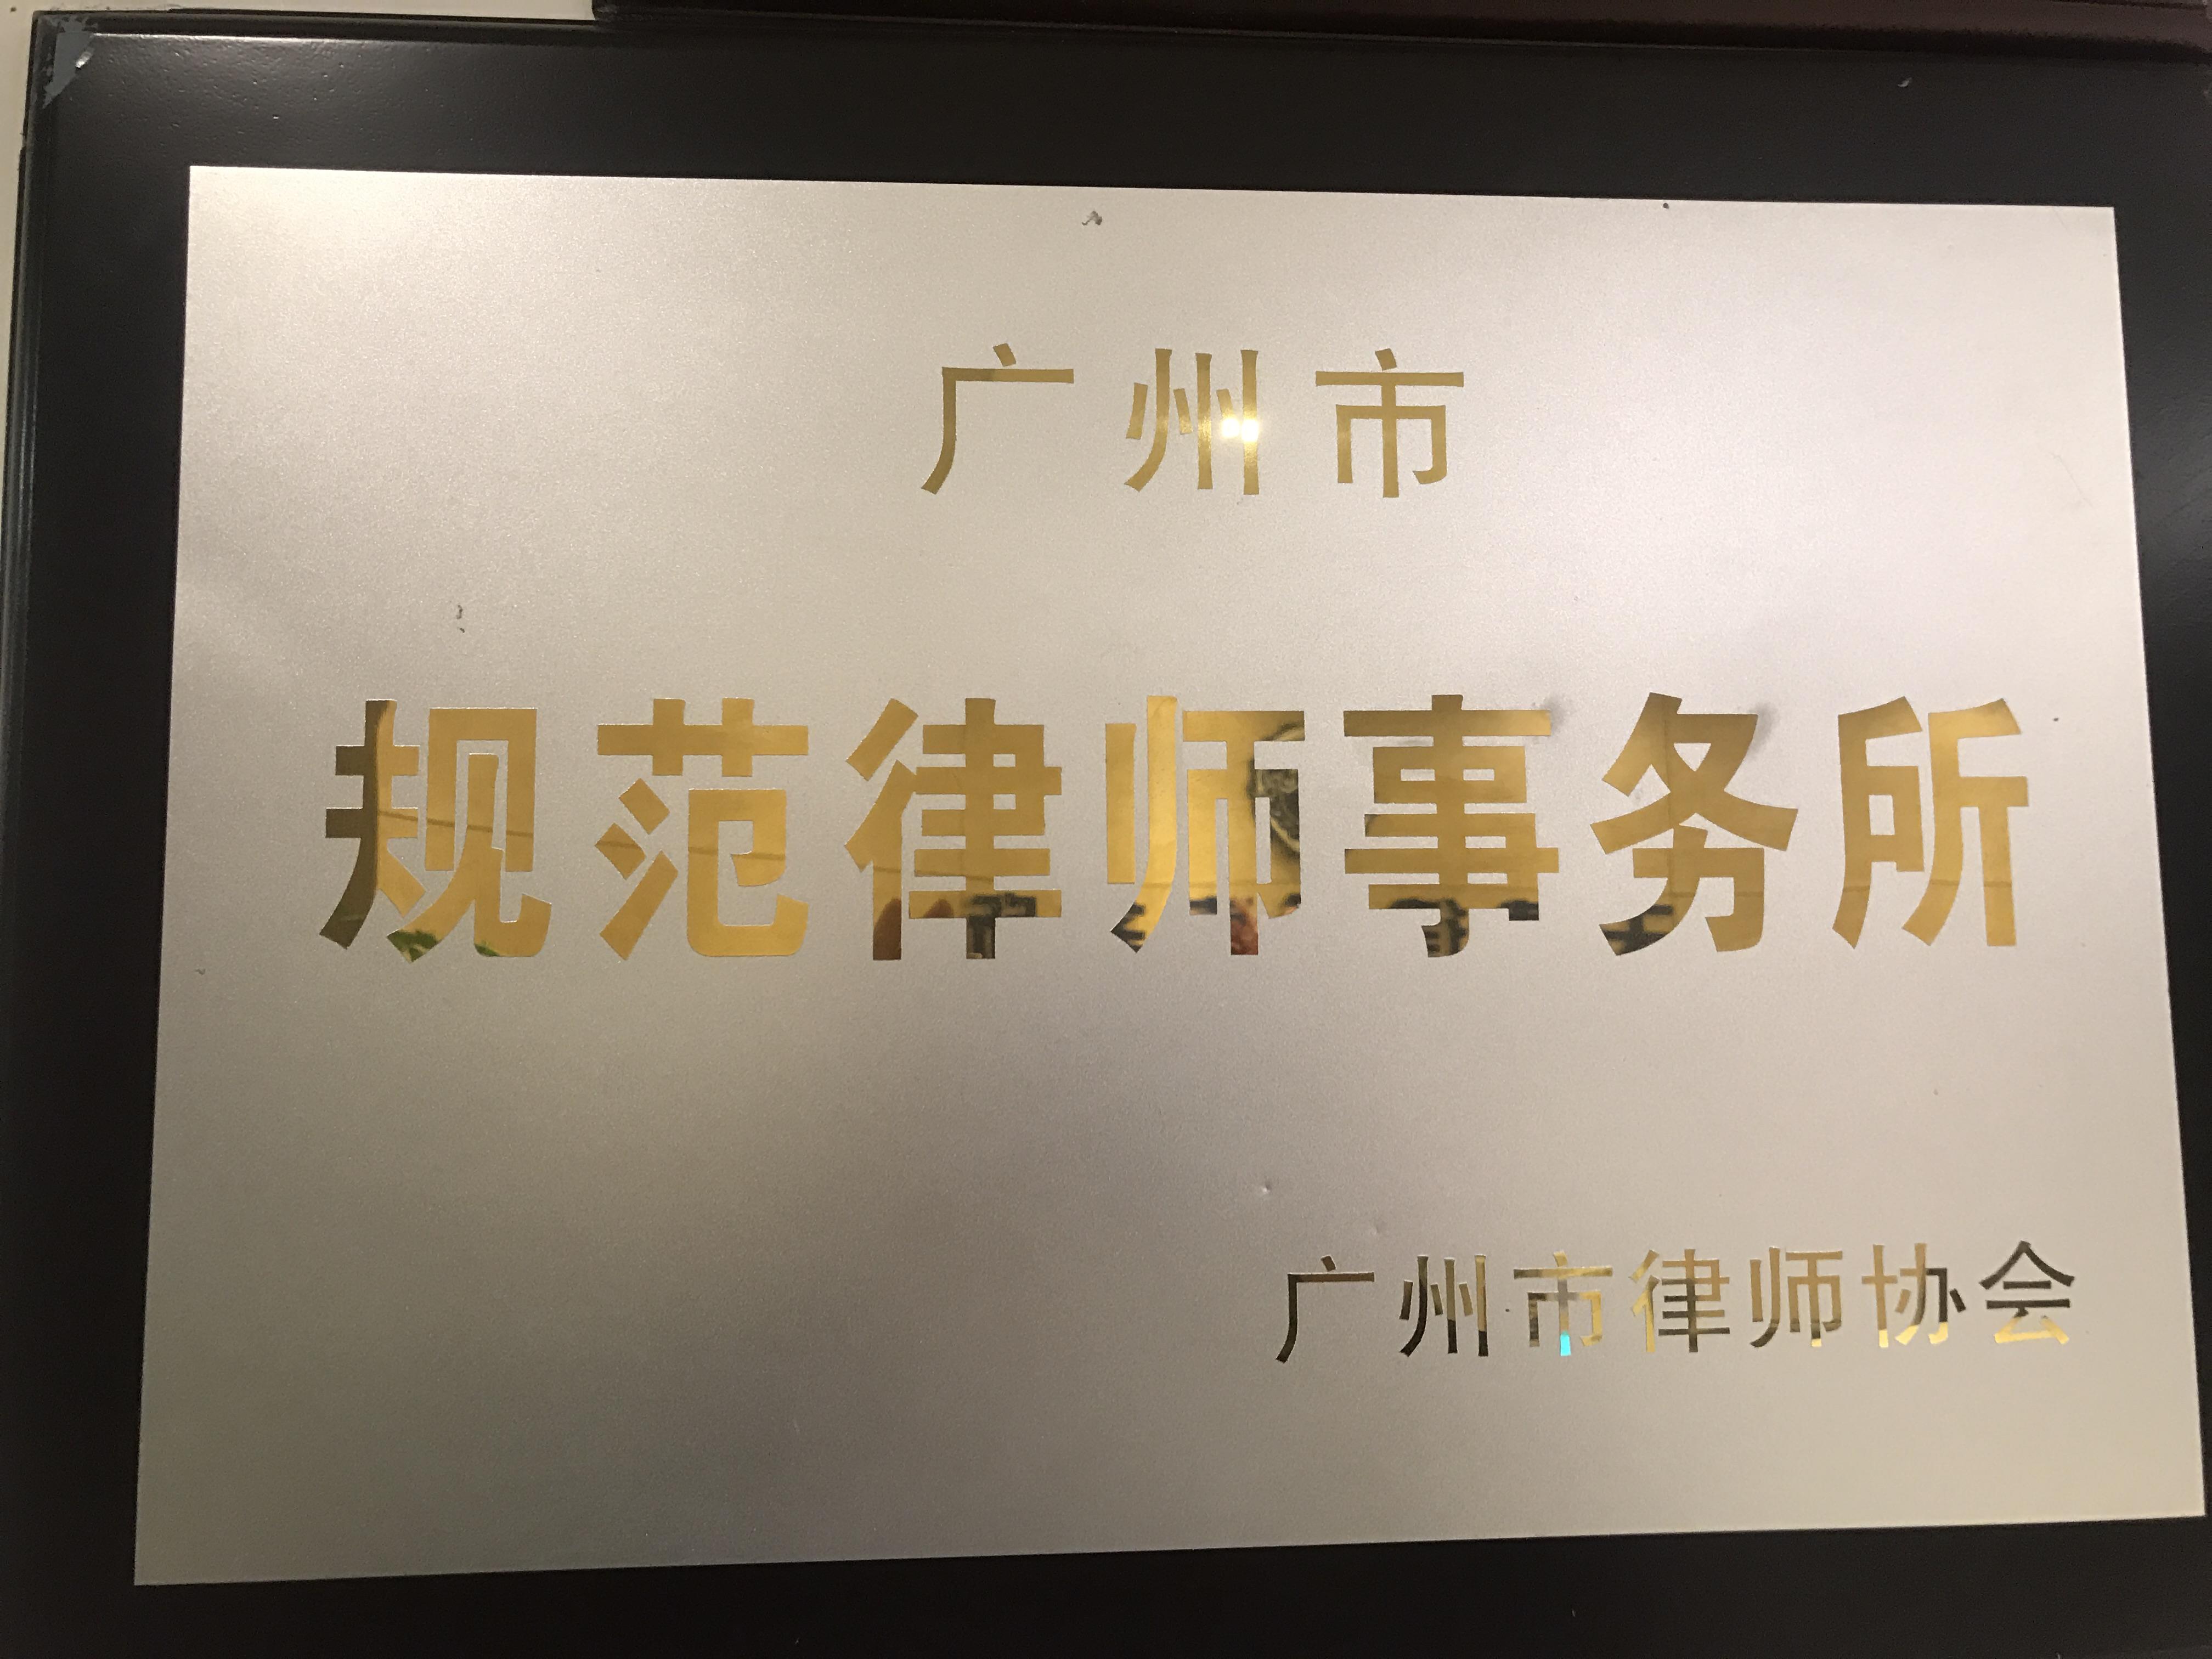 成为广州市规范律师事务所